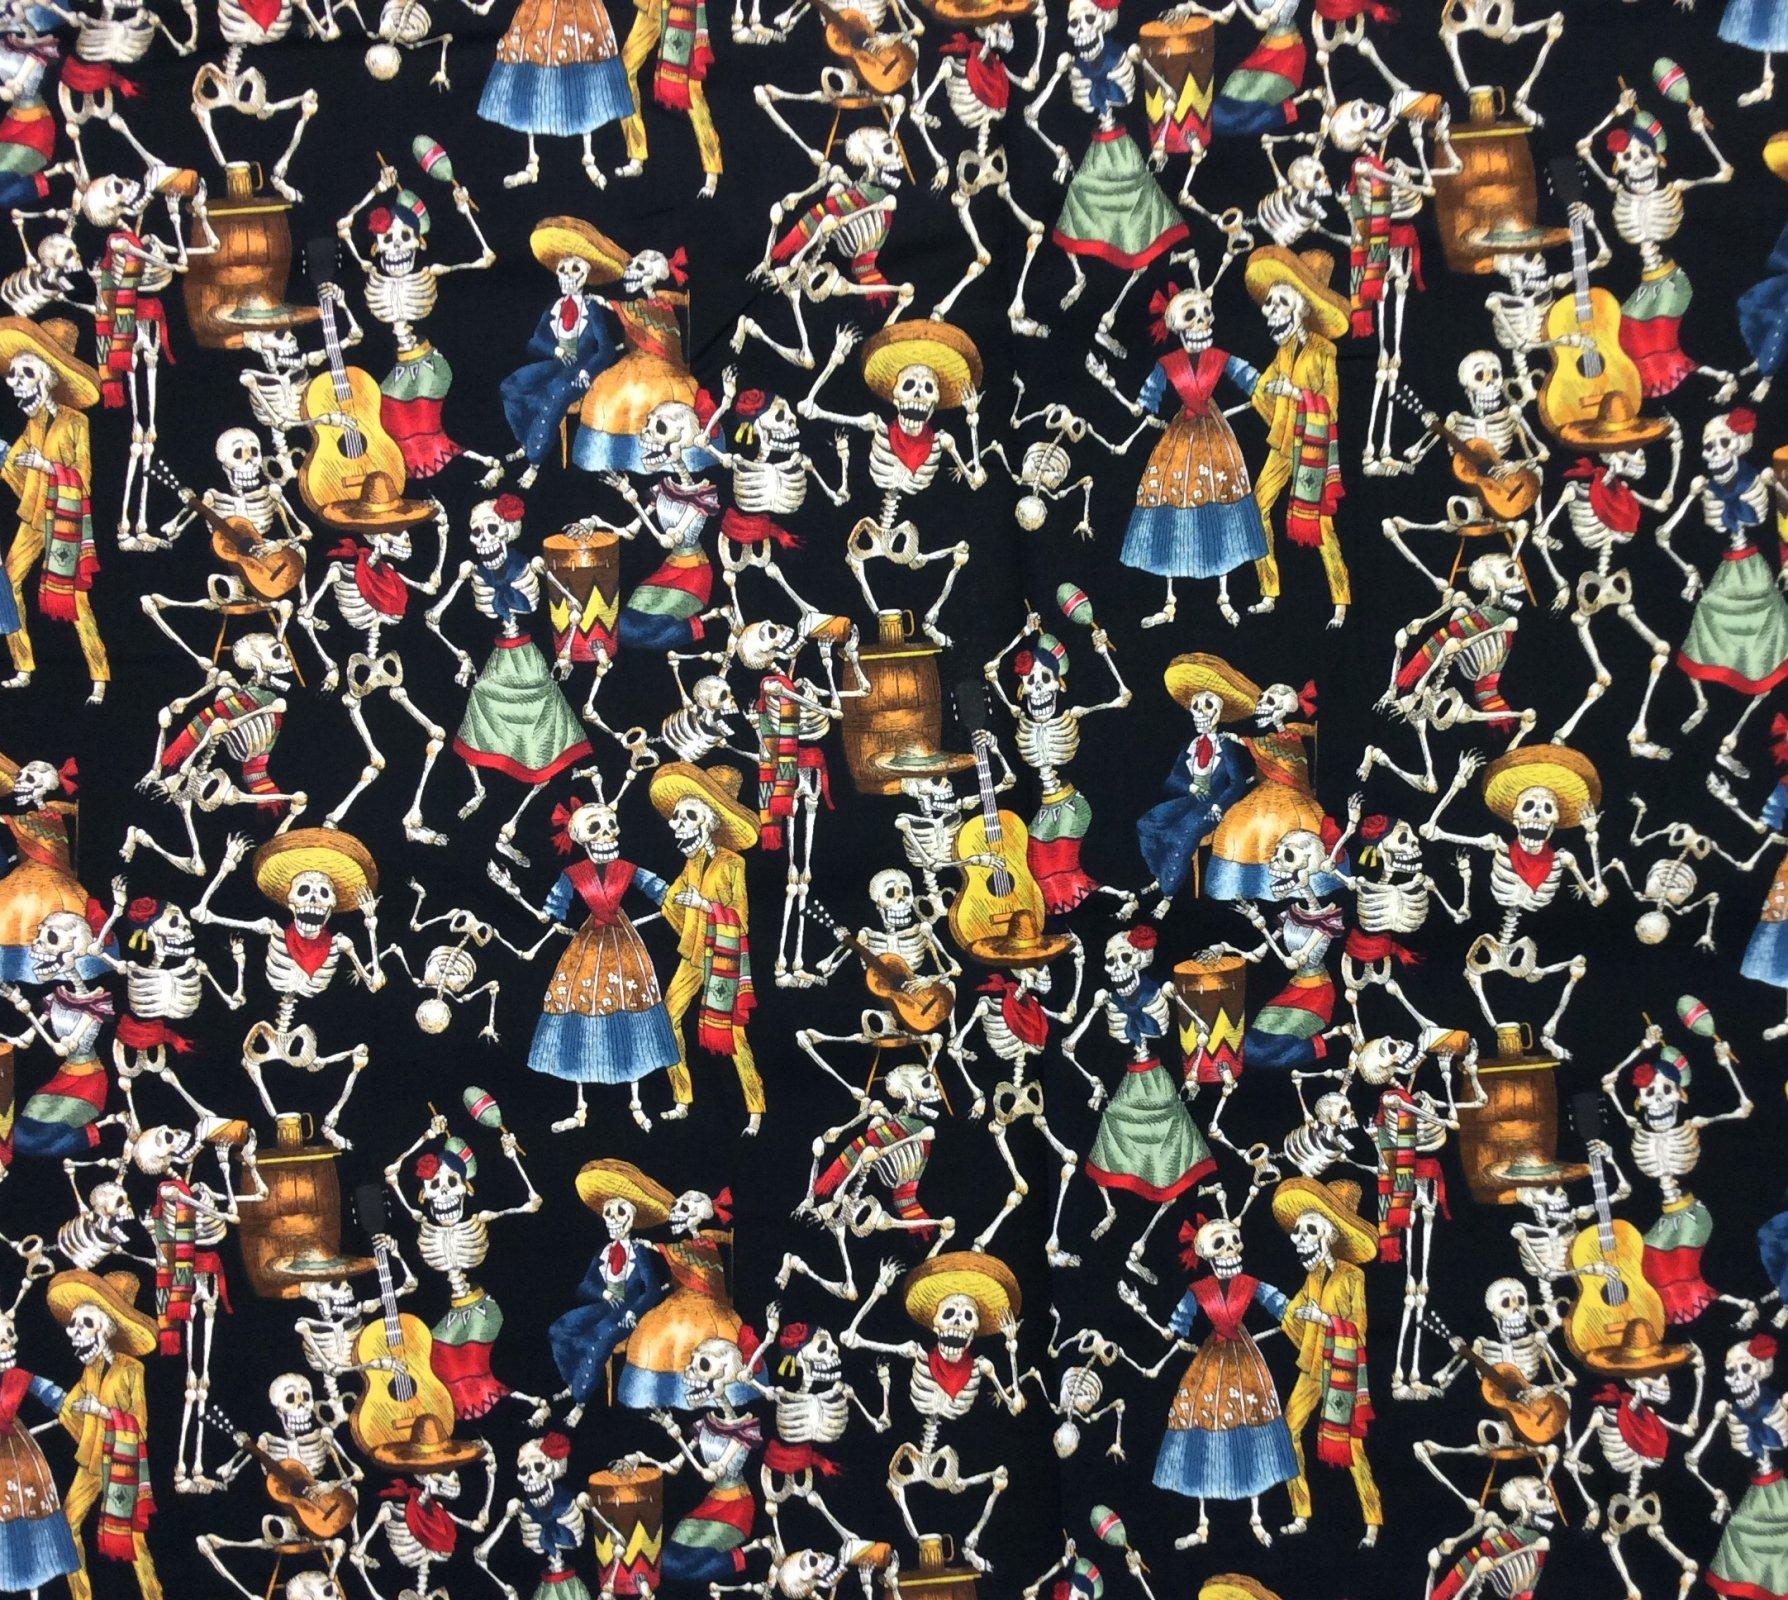 Day of the Dead Fabric Posada Fiesta de los Muertos Cotton Quilt Fabric 441